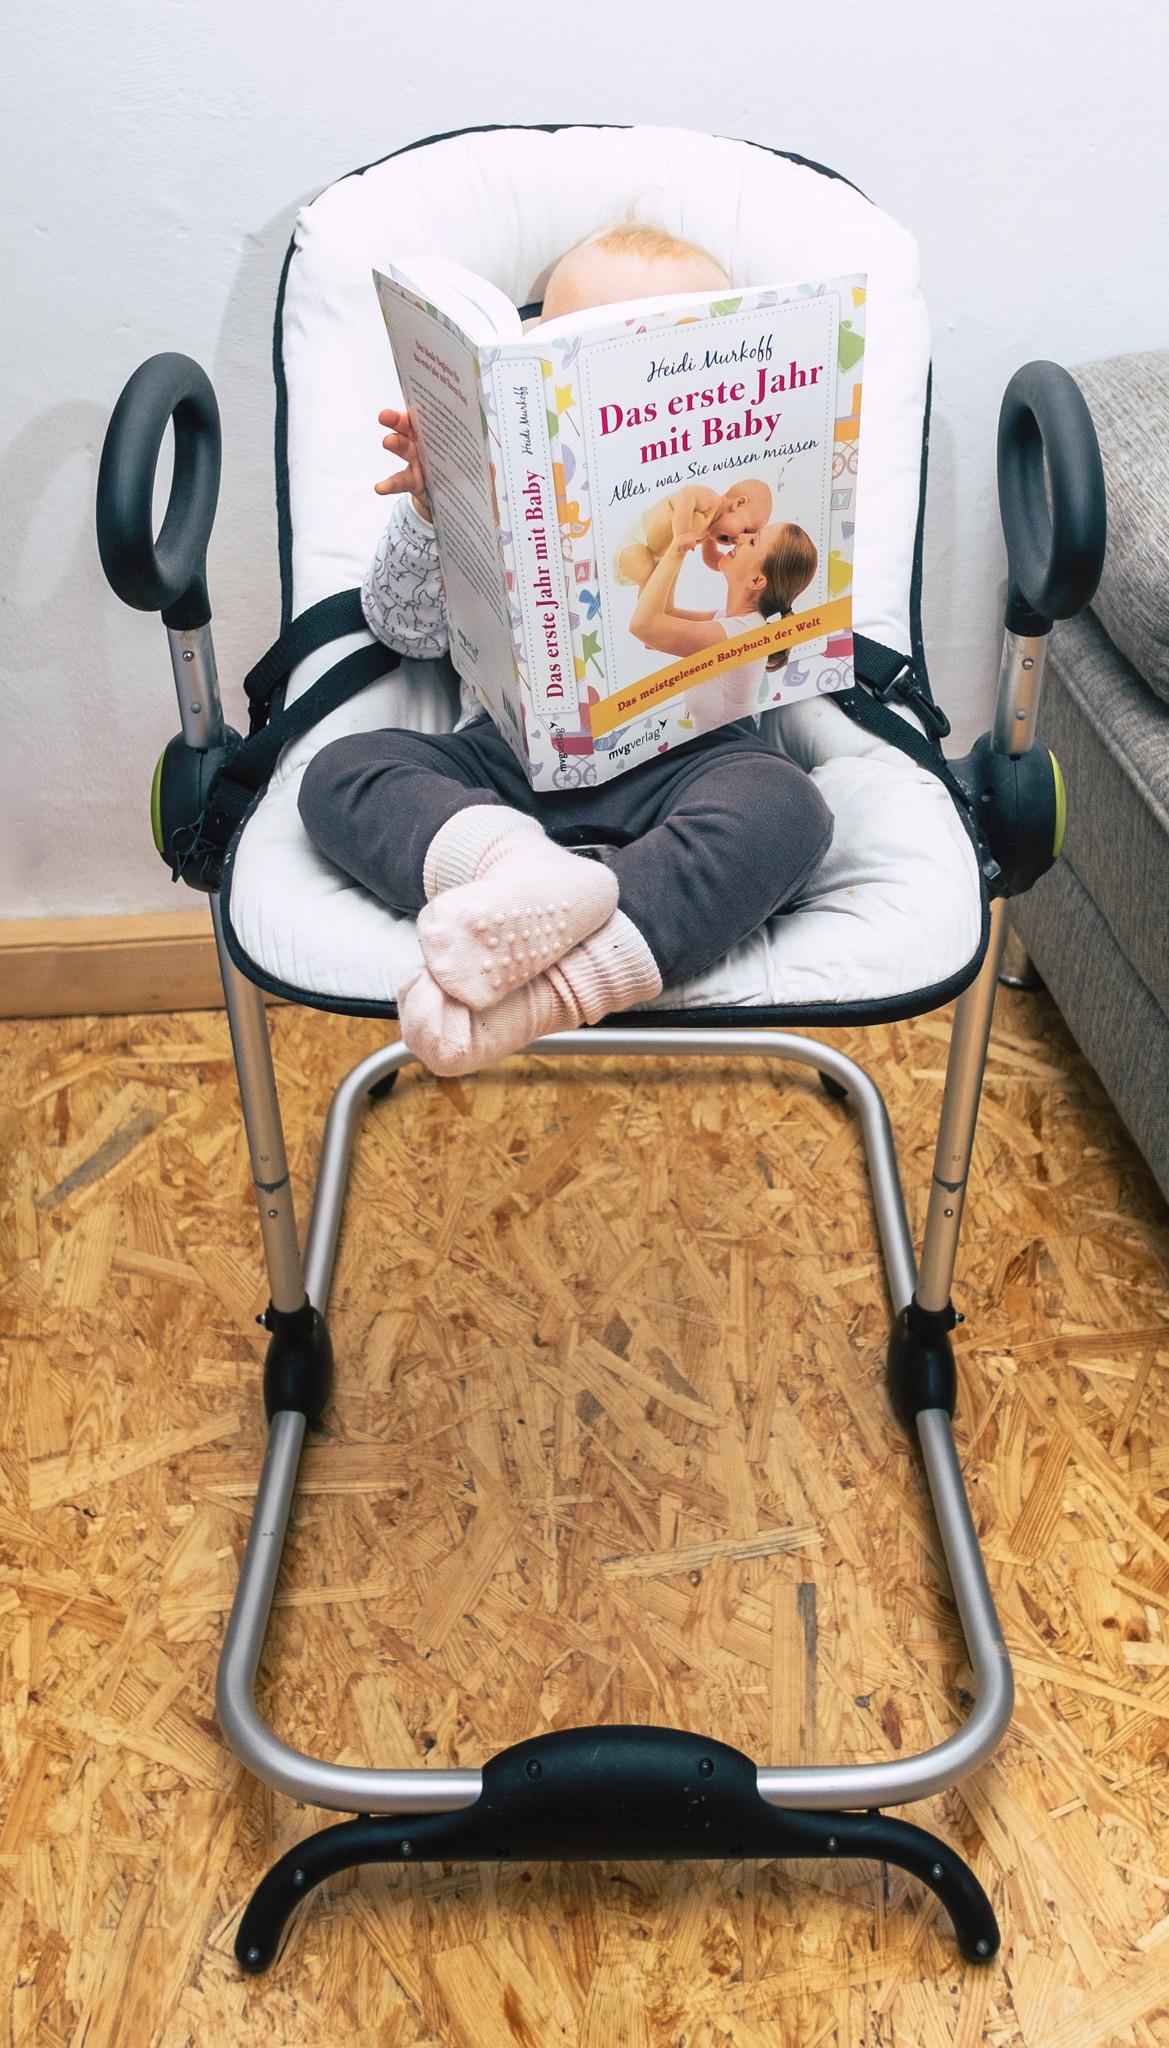 Babyausstattung Liste Das erste Jahr mit Baby